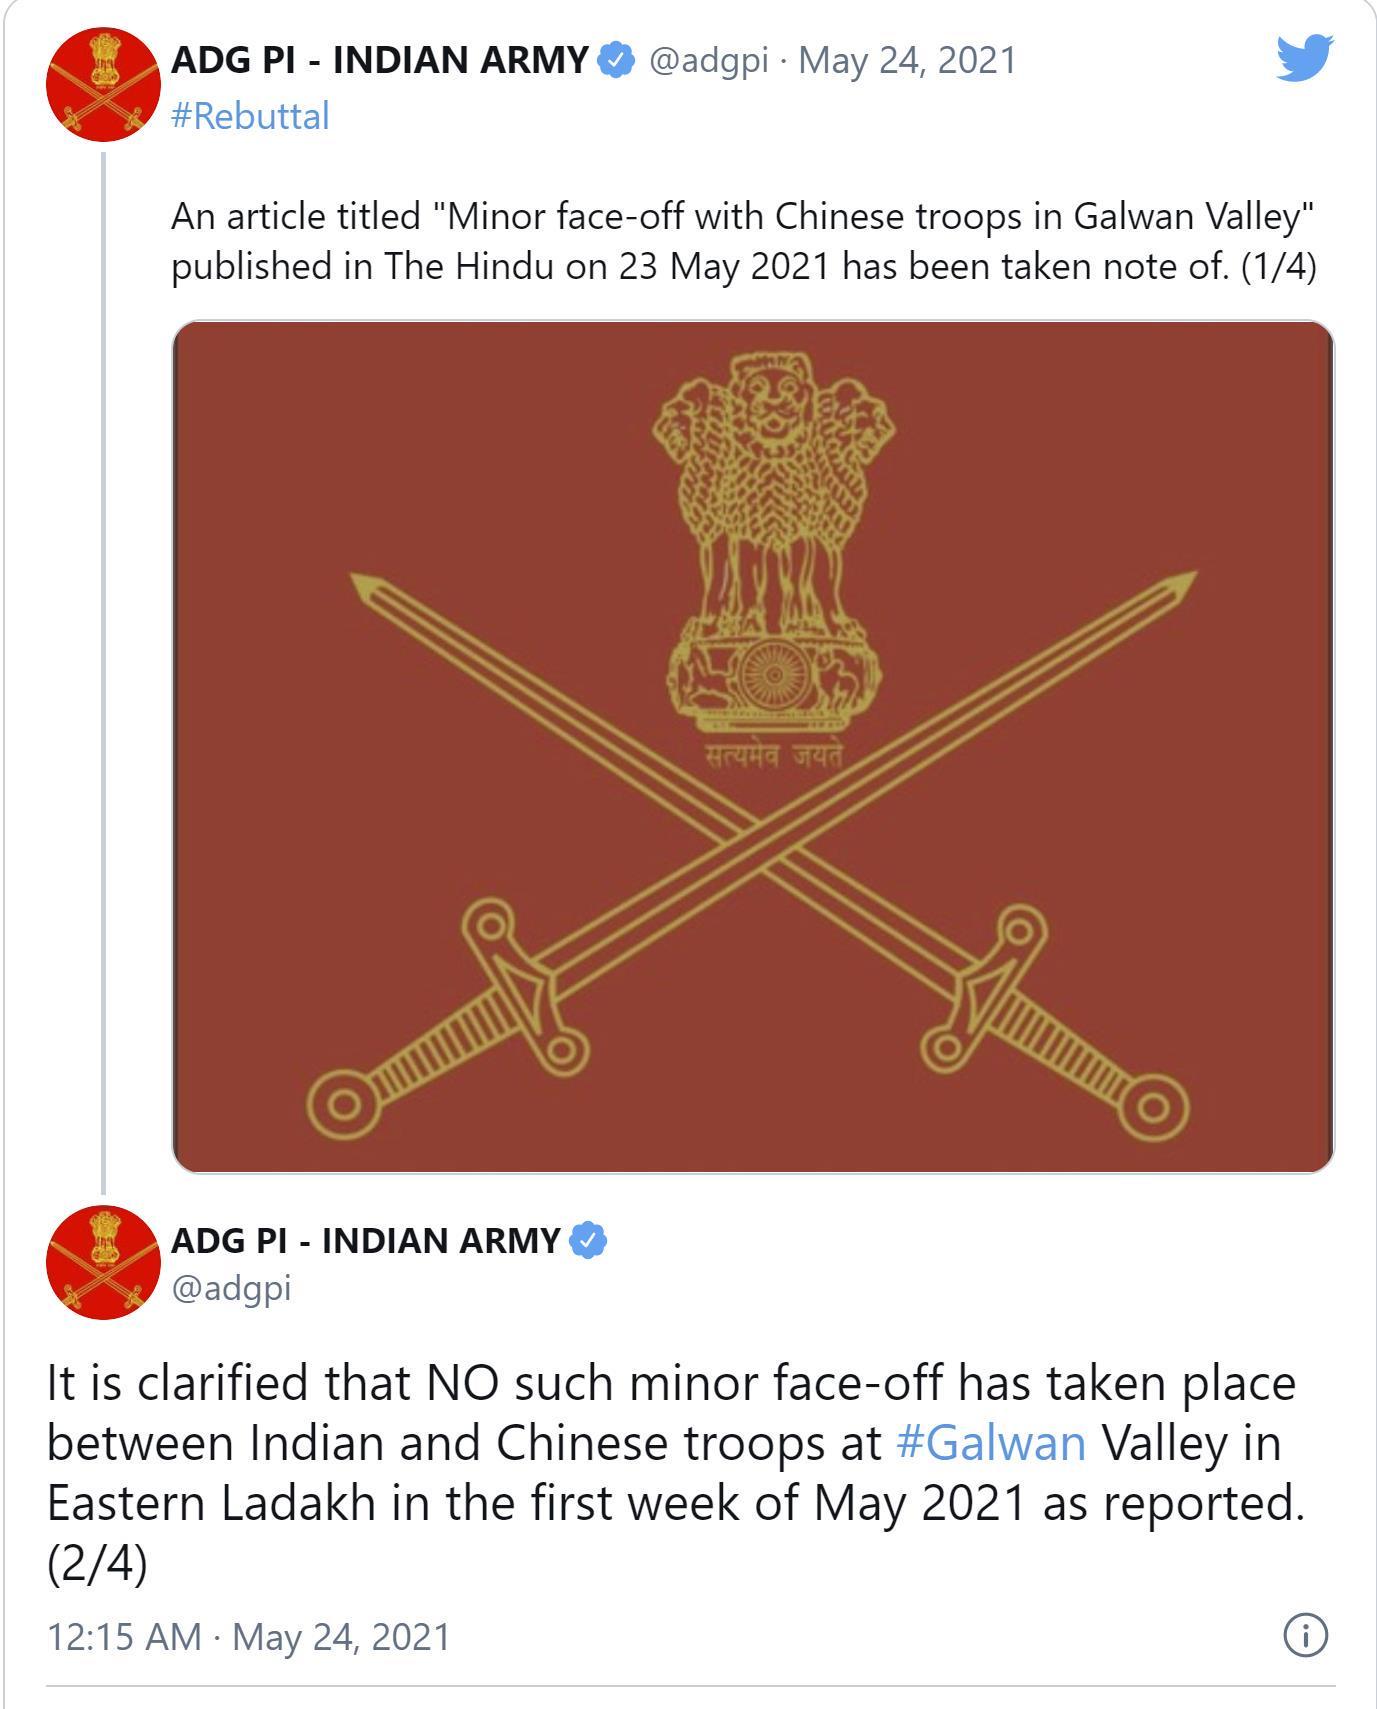 印媒炒作中印5月初加勒万河谷再次对峙 印军:假新闻,别有用心!